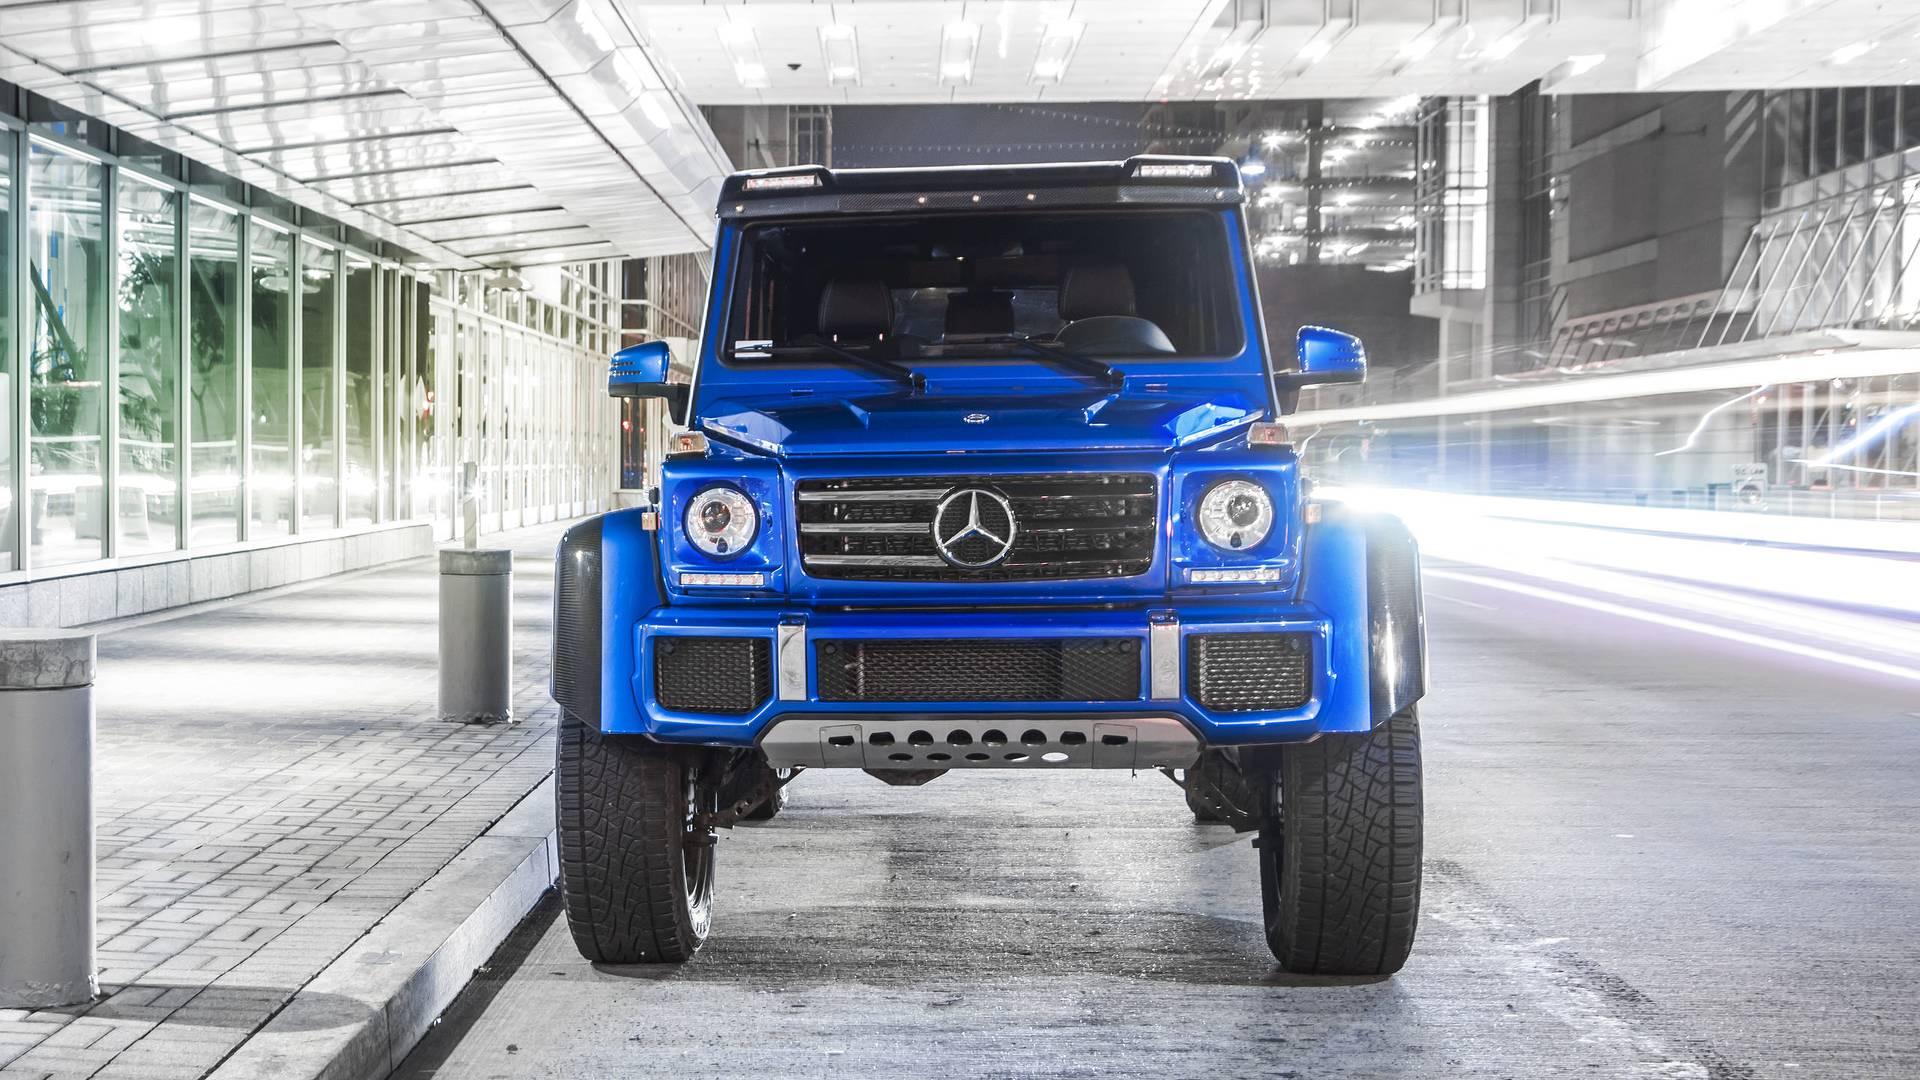 2017 Mercedes-Benz G550 4x4² Review: Size Queen